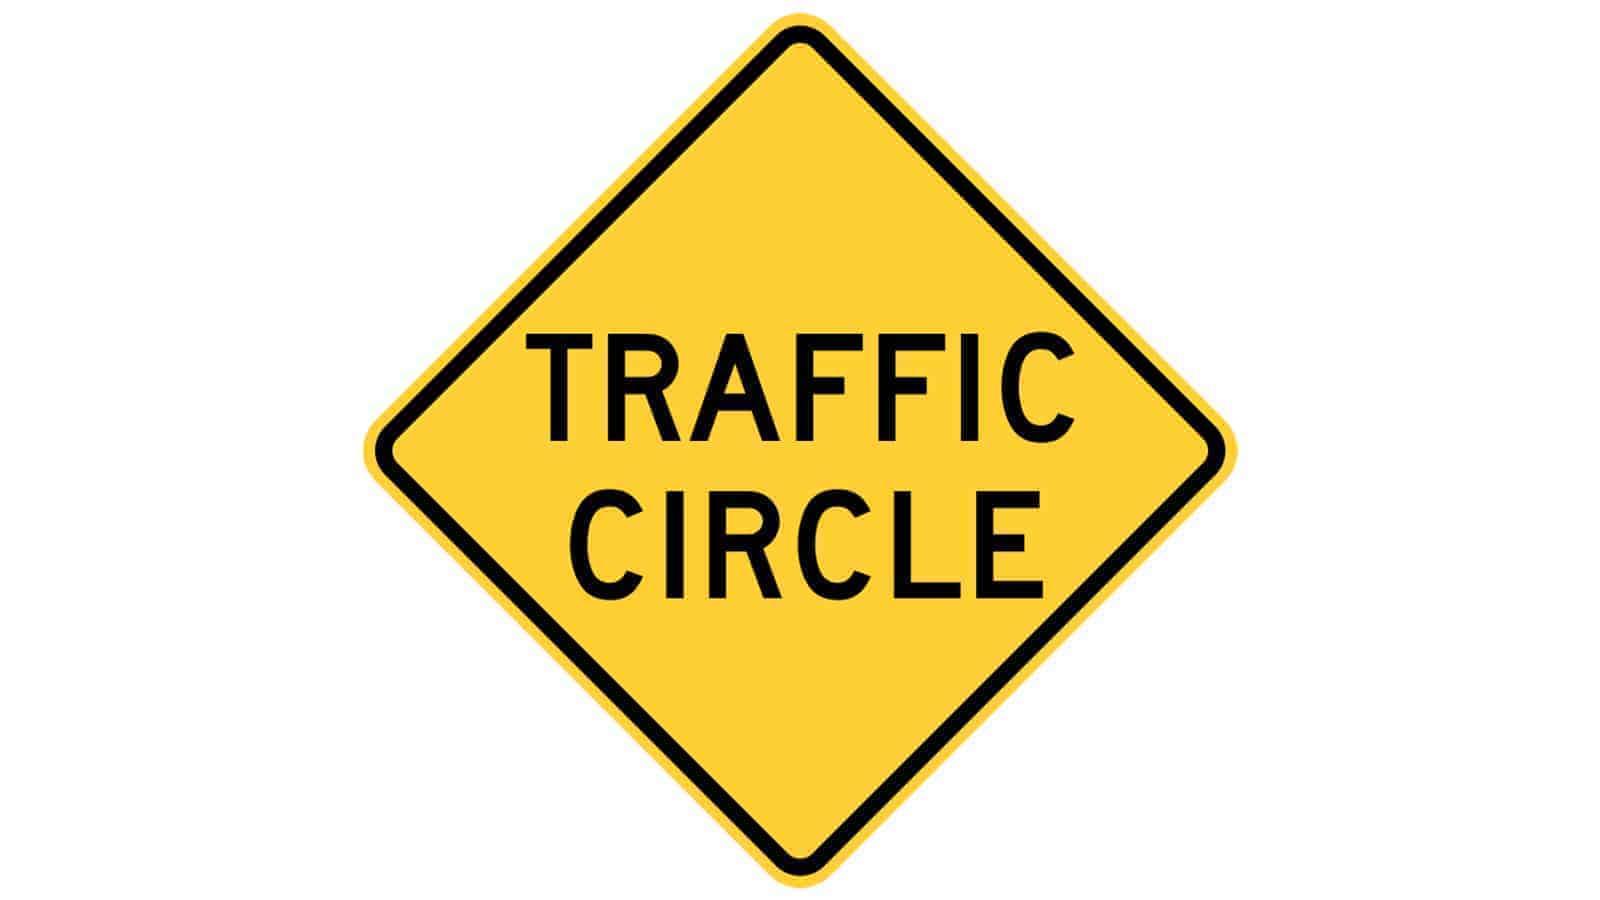 Warning sign Circular Intersection Warning (Roundabout)